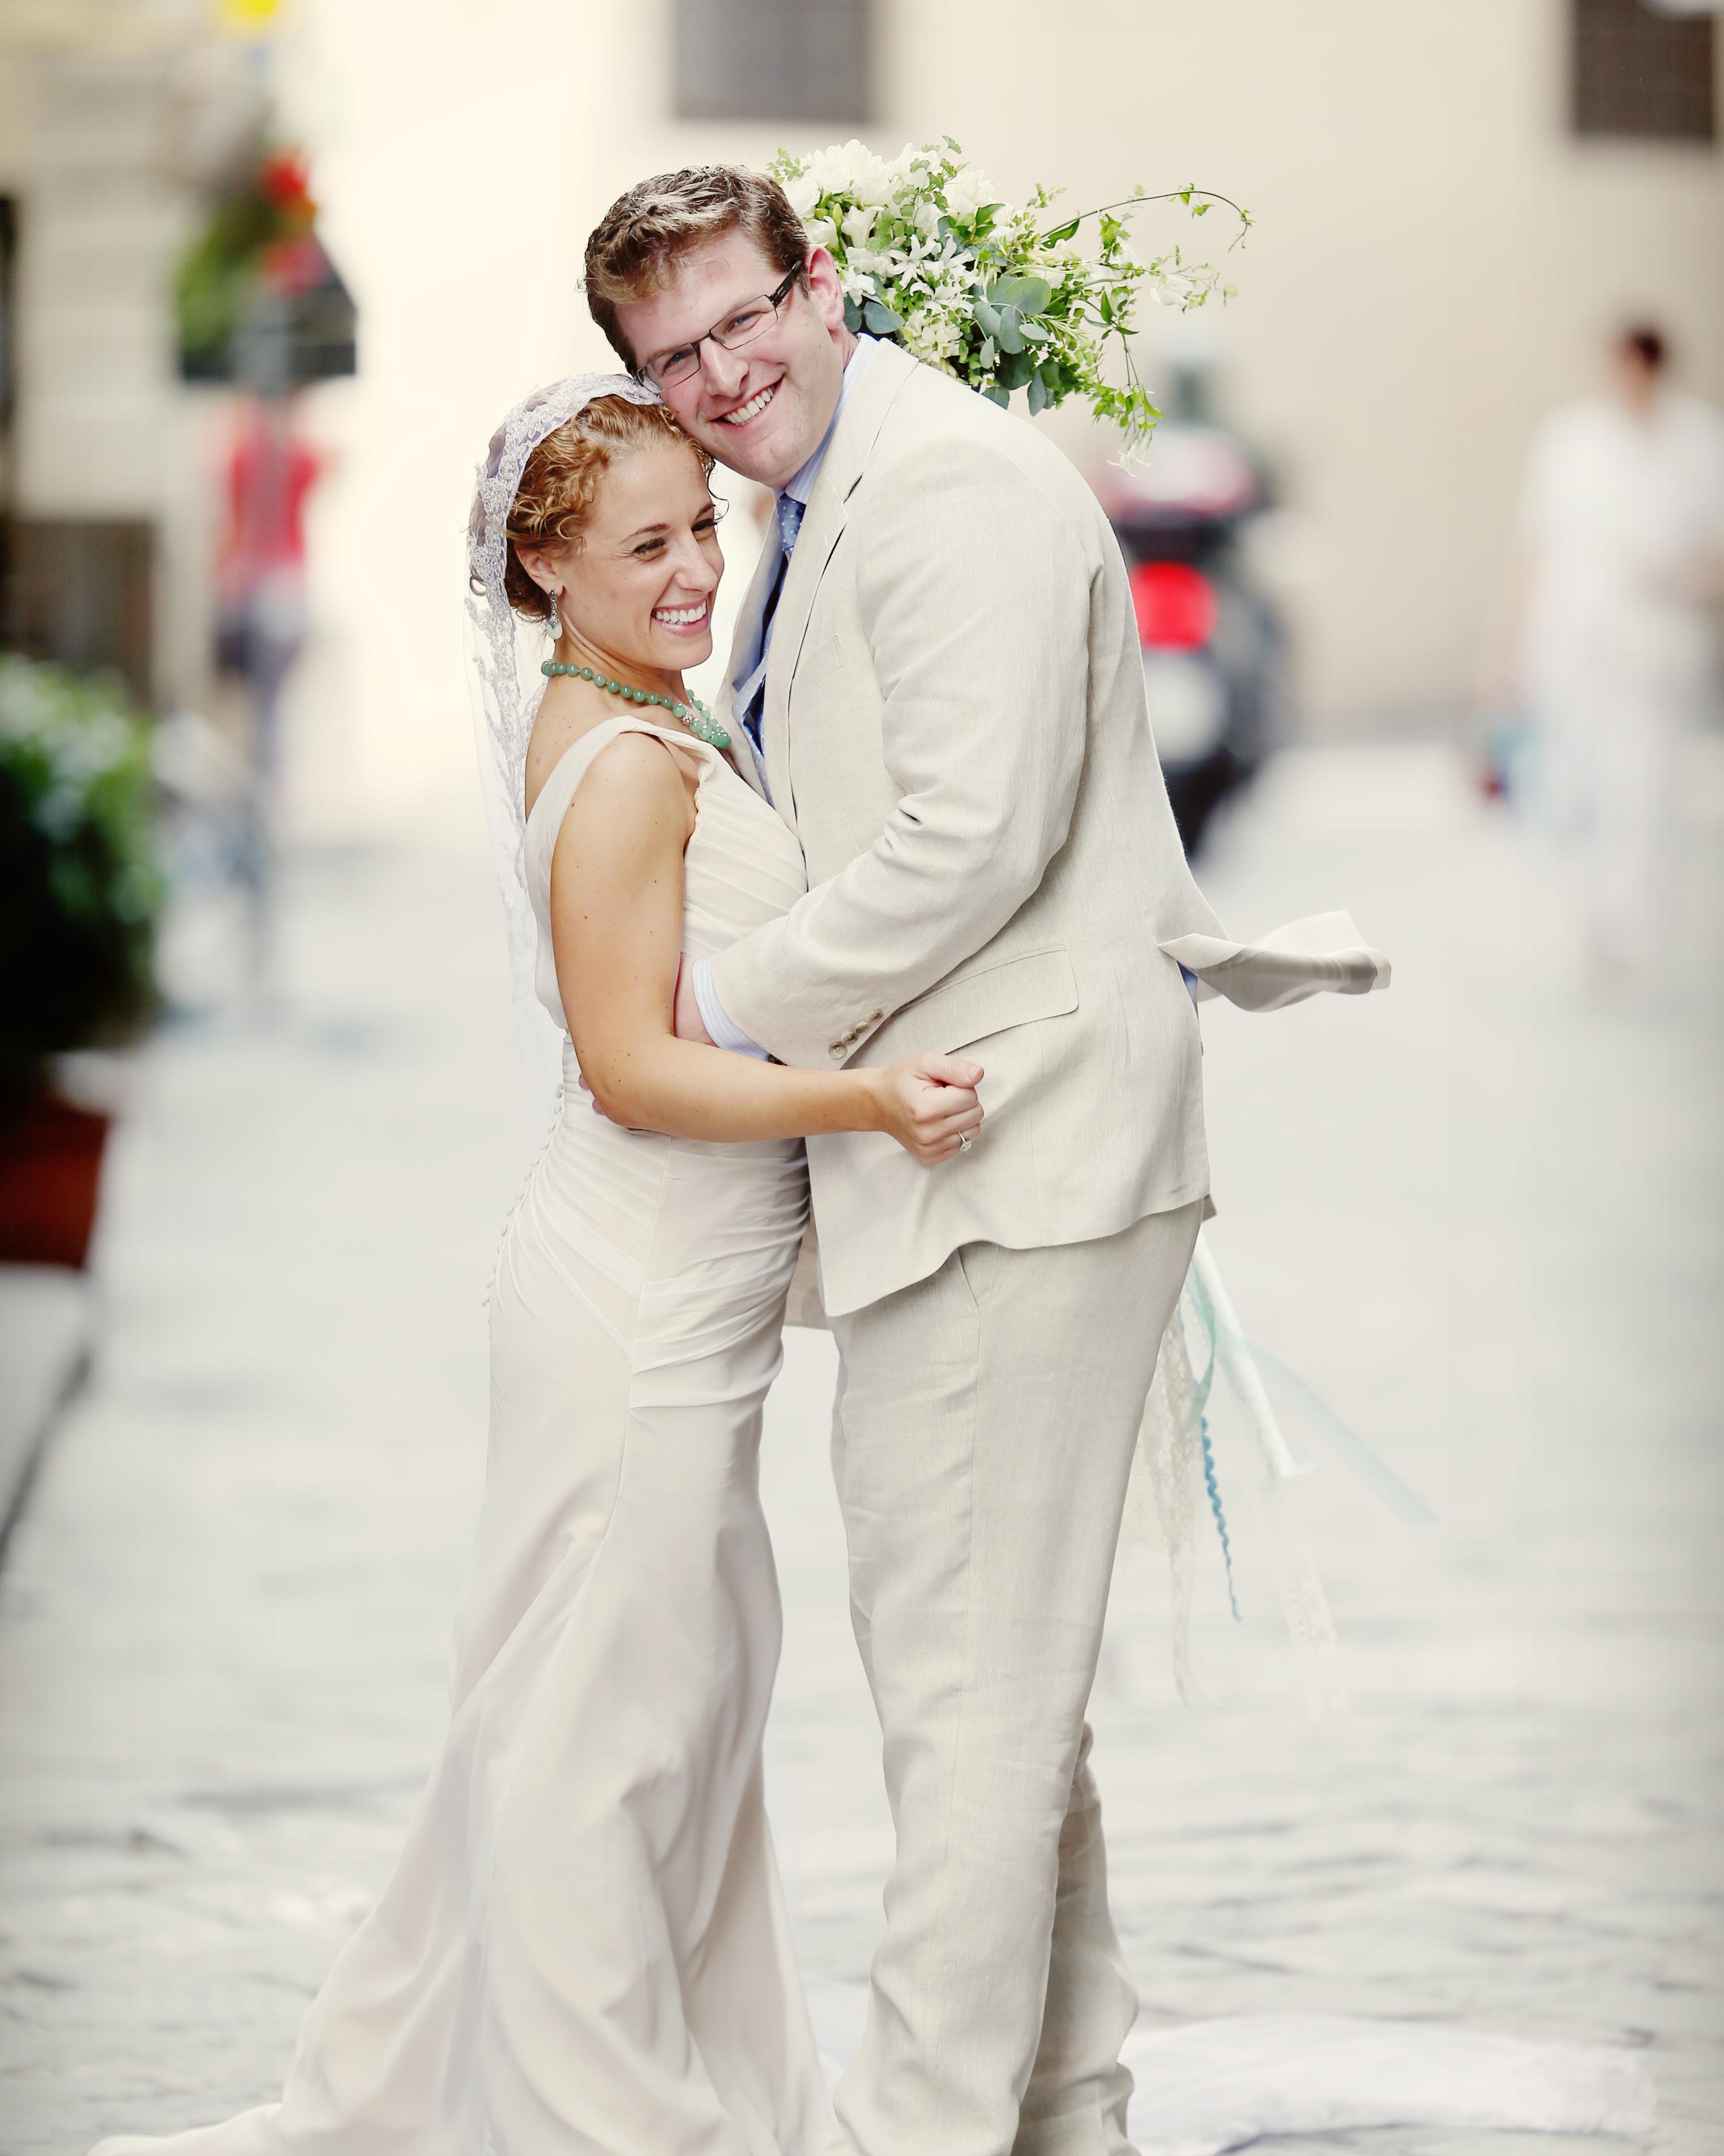 lindsay-andy-wedding-couple-2686-s111659-1114.jpg